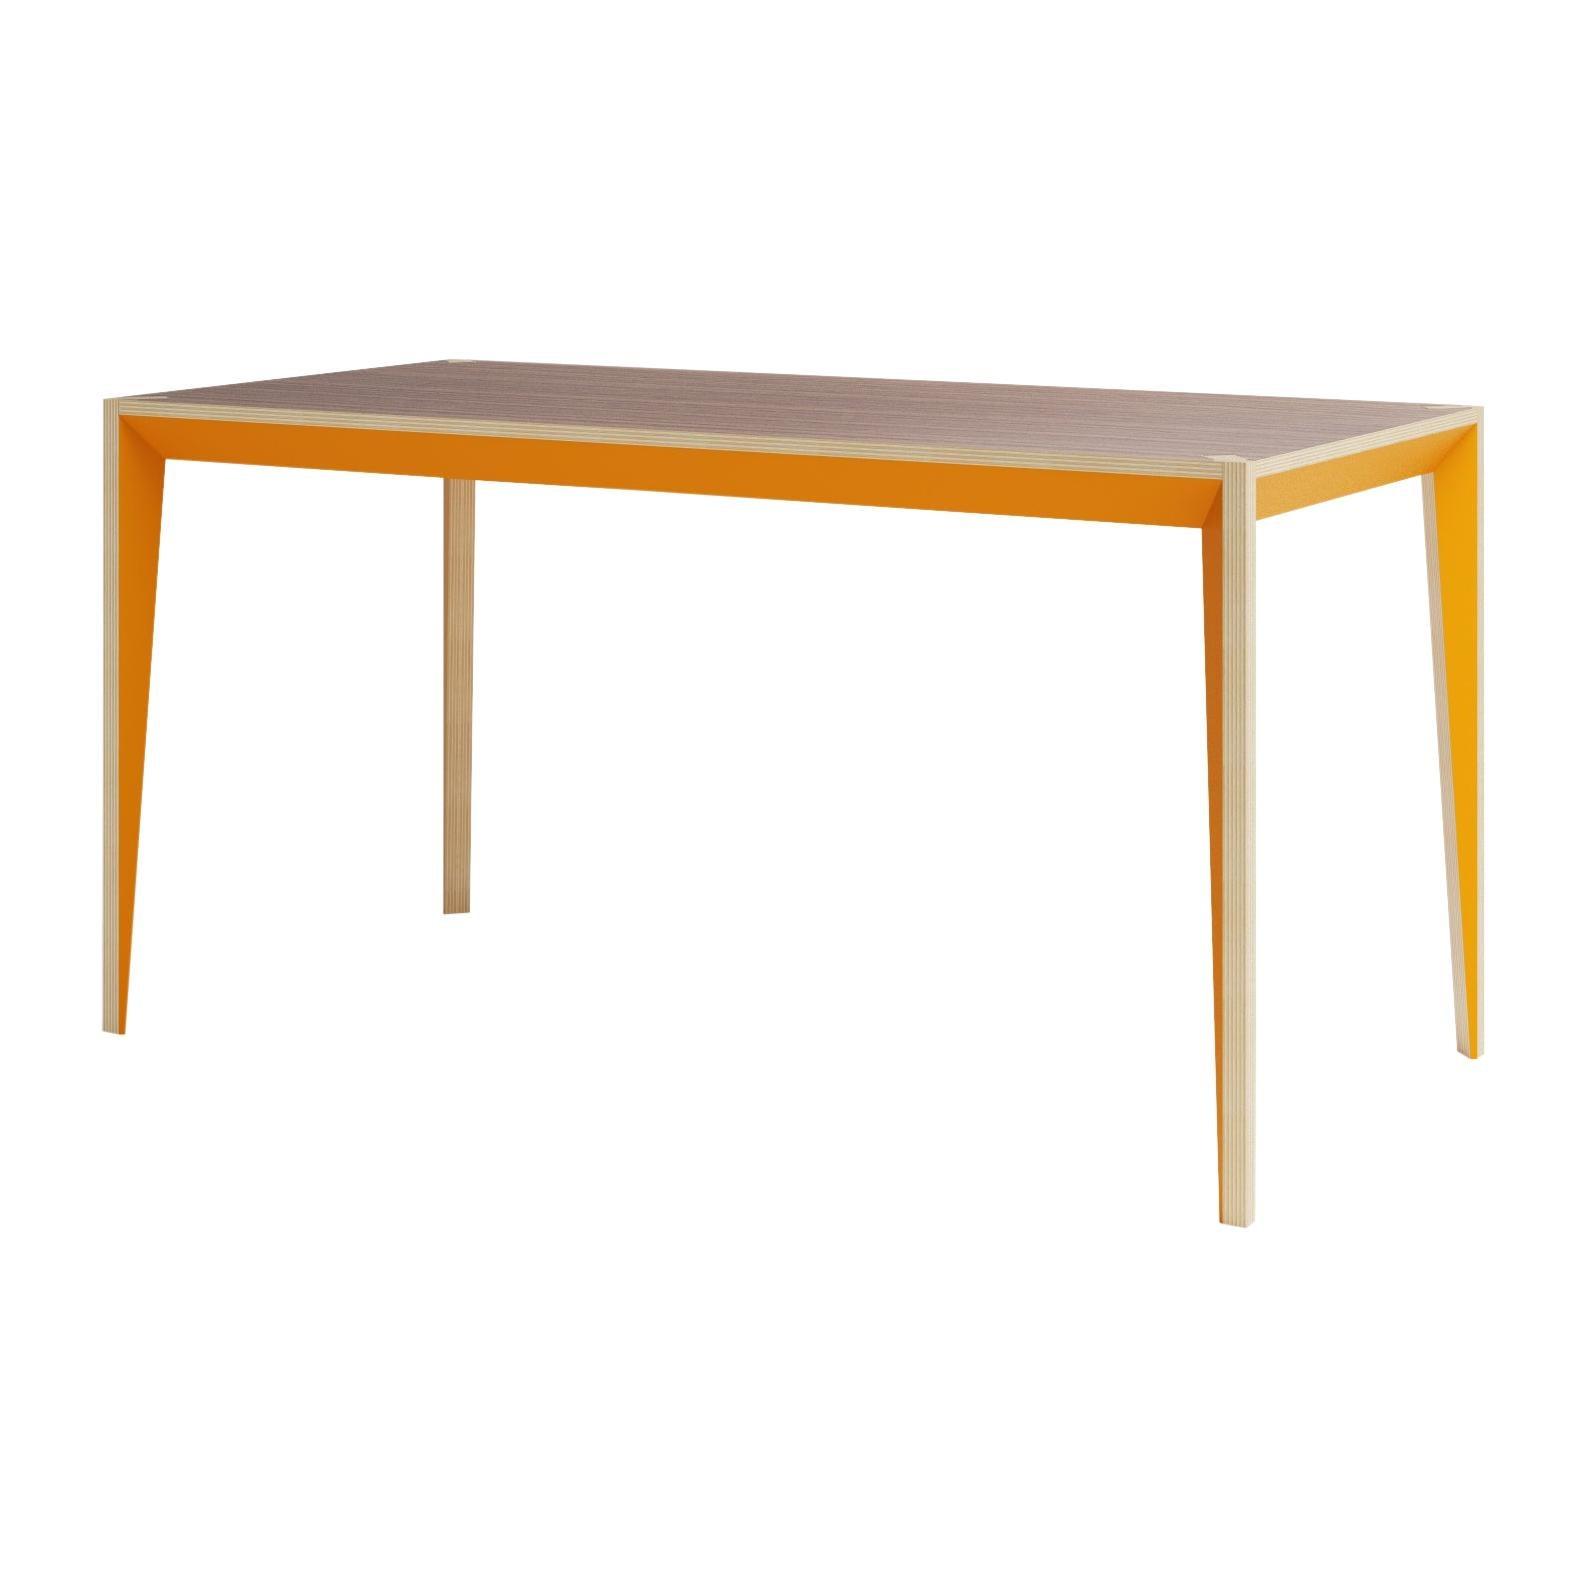 Walnut Orange MiMi Table by Miduny, Made in Italy